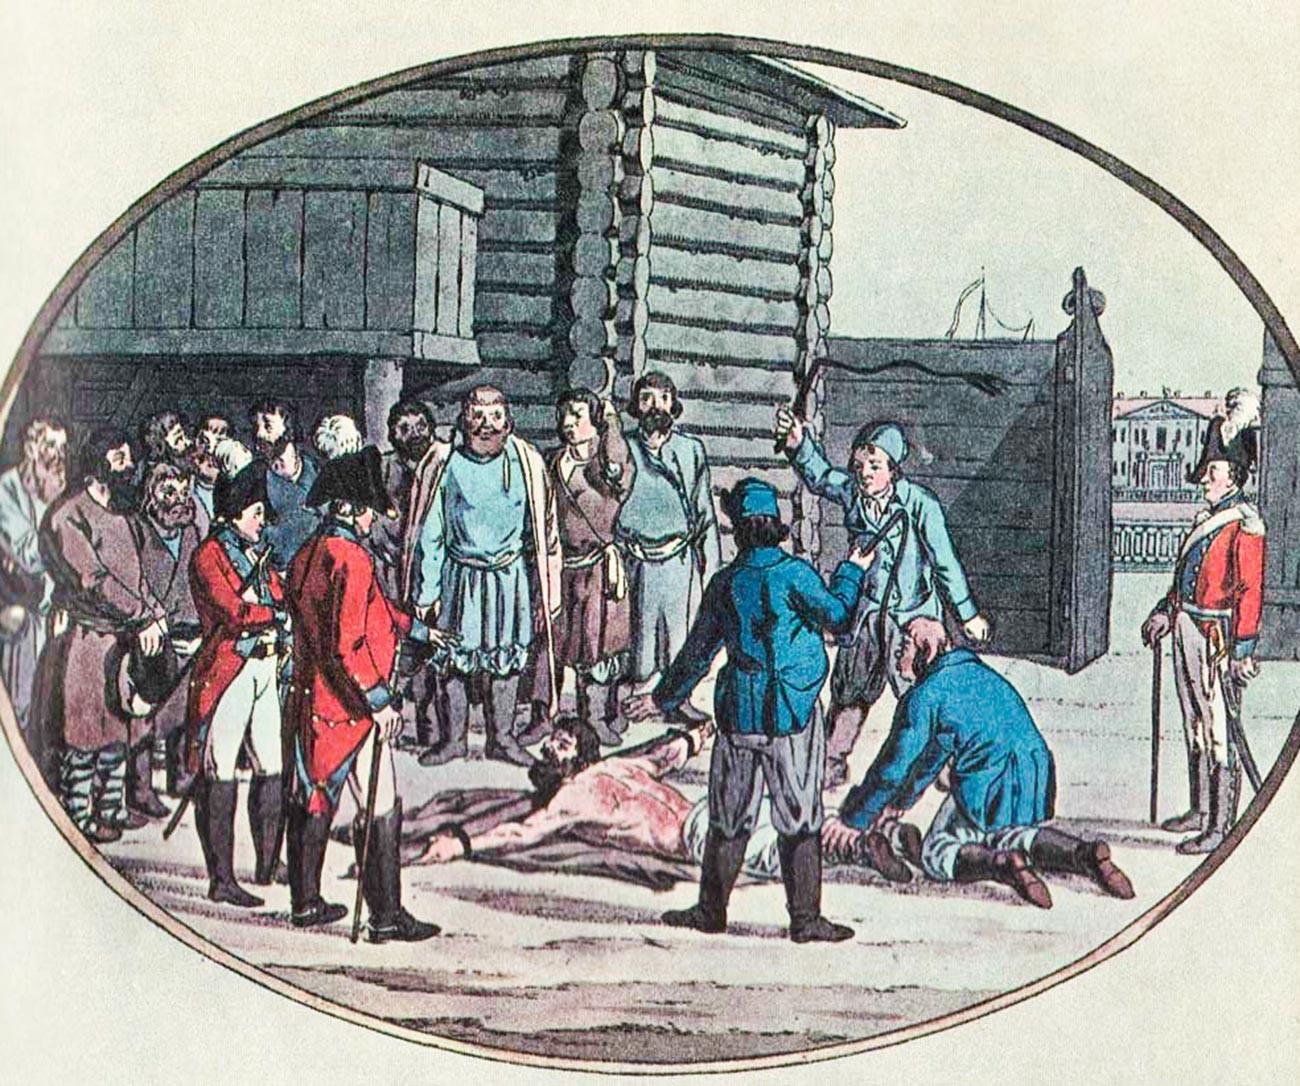 Pencambukan di Rusia, akhir abad ke-18.